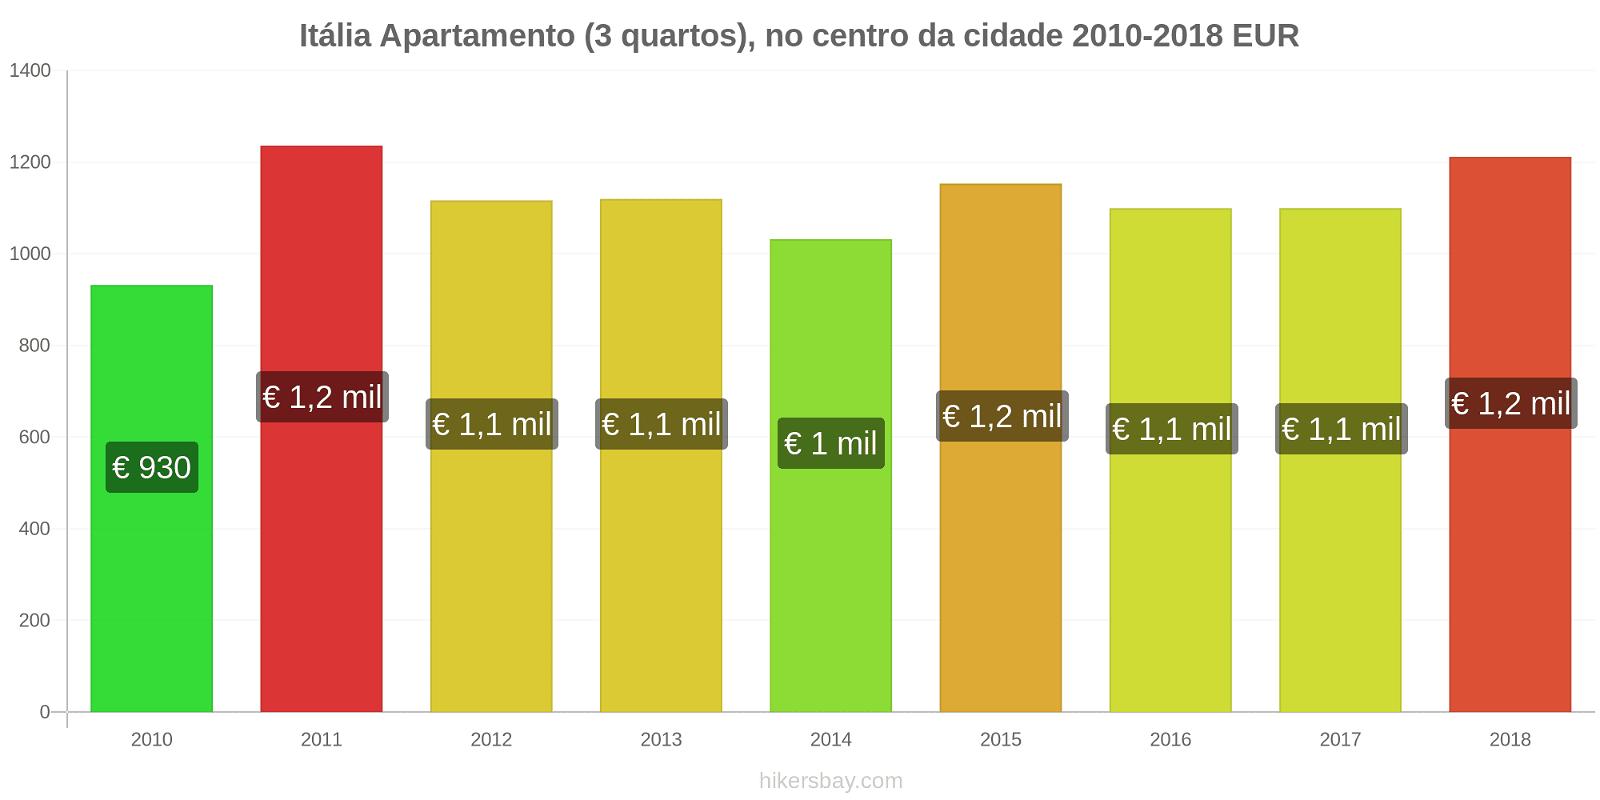 Itália variação de preço Apartamento (3 quartos), no centro da cidade hikersbay.com